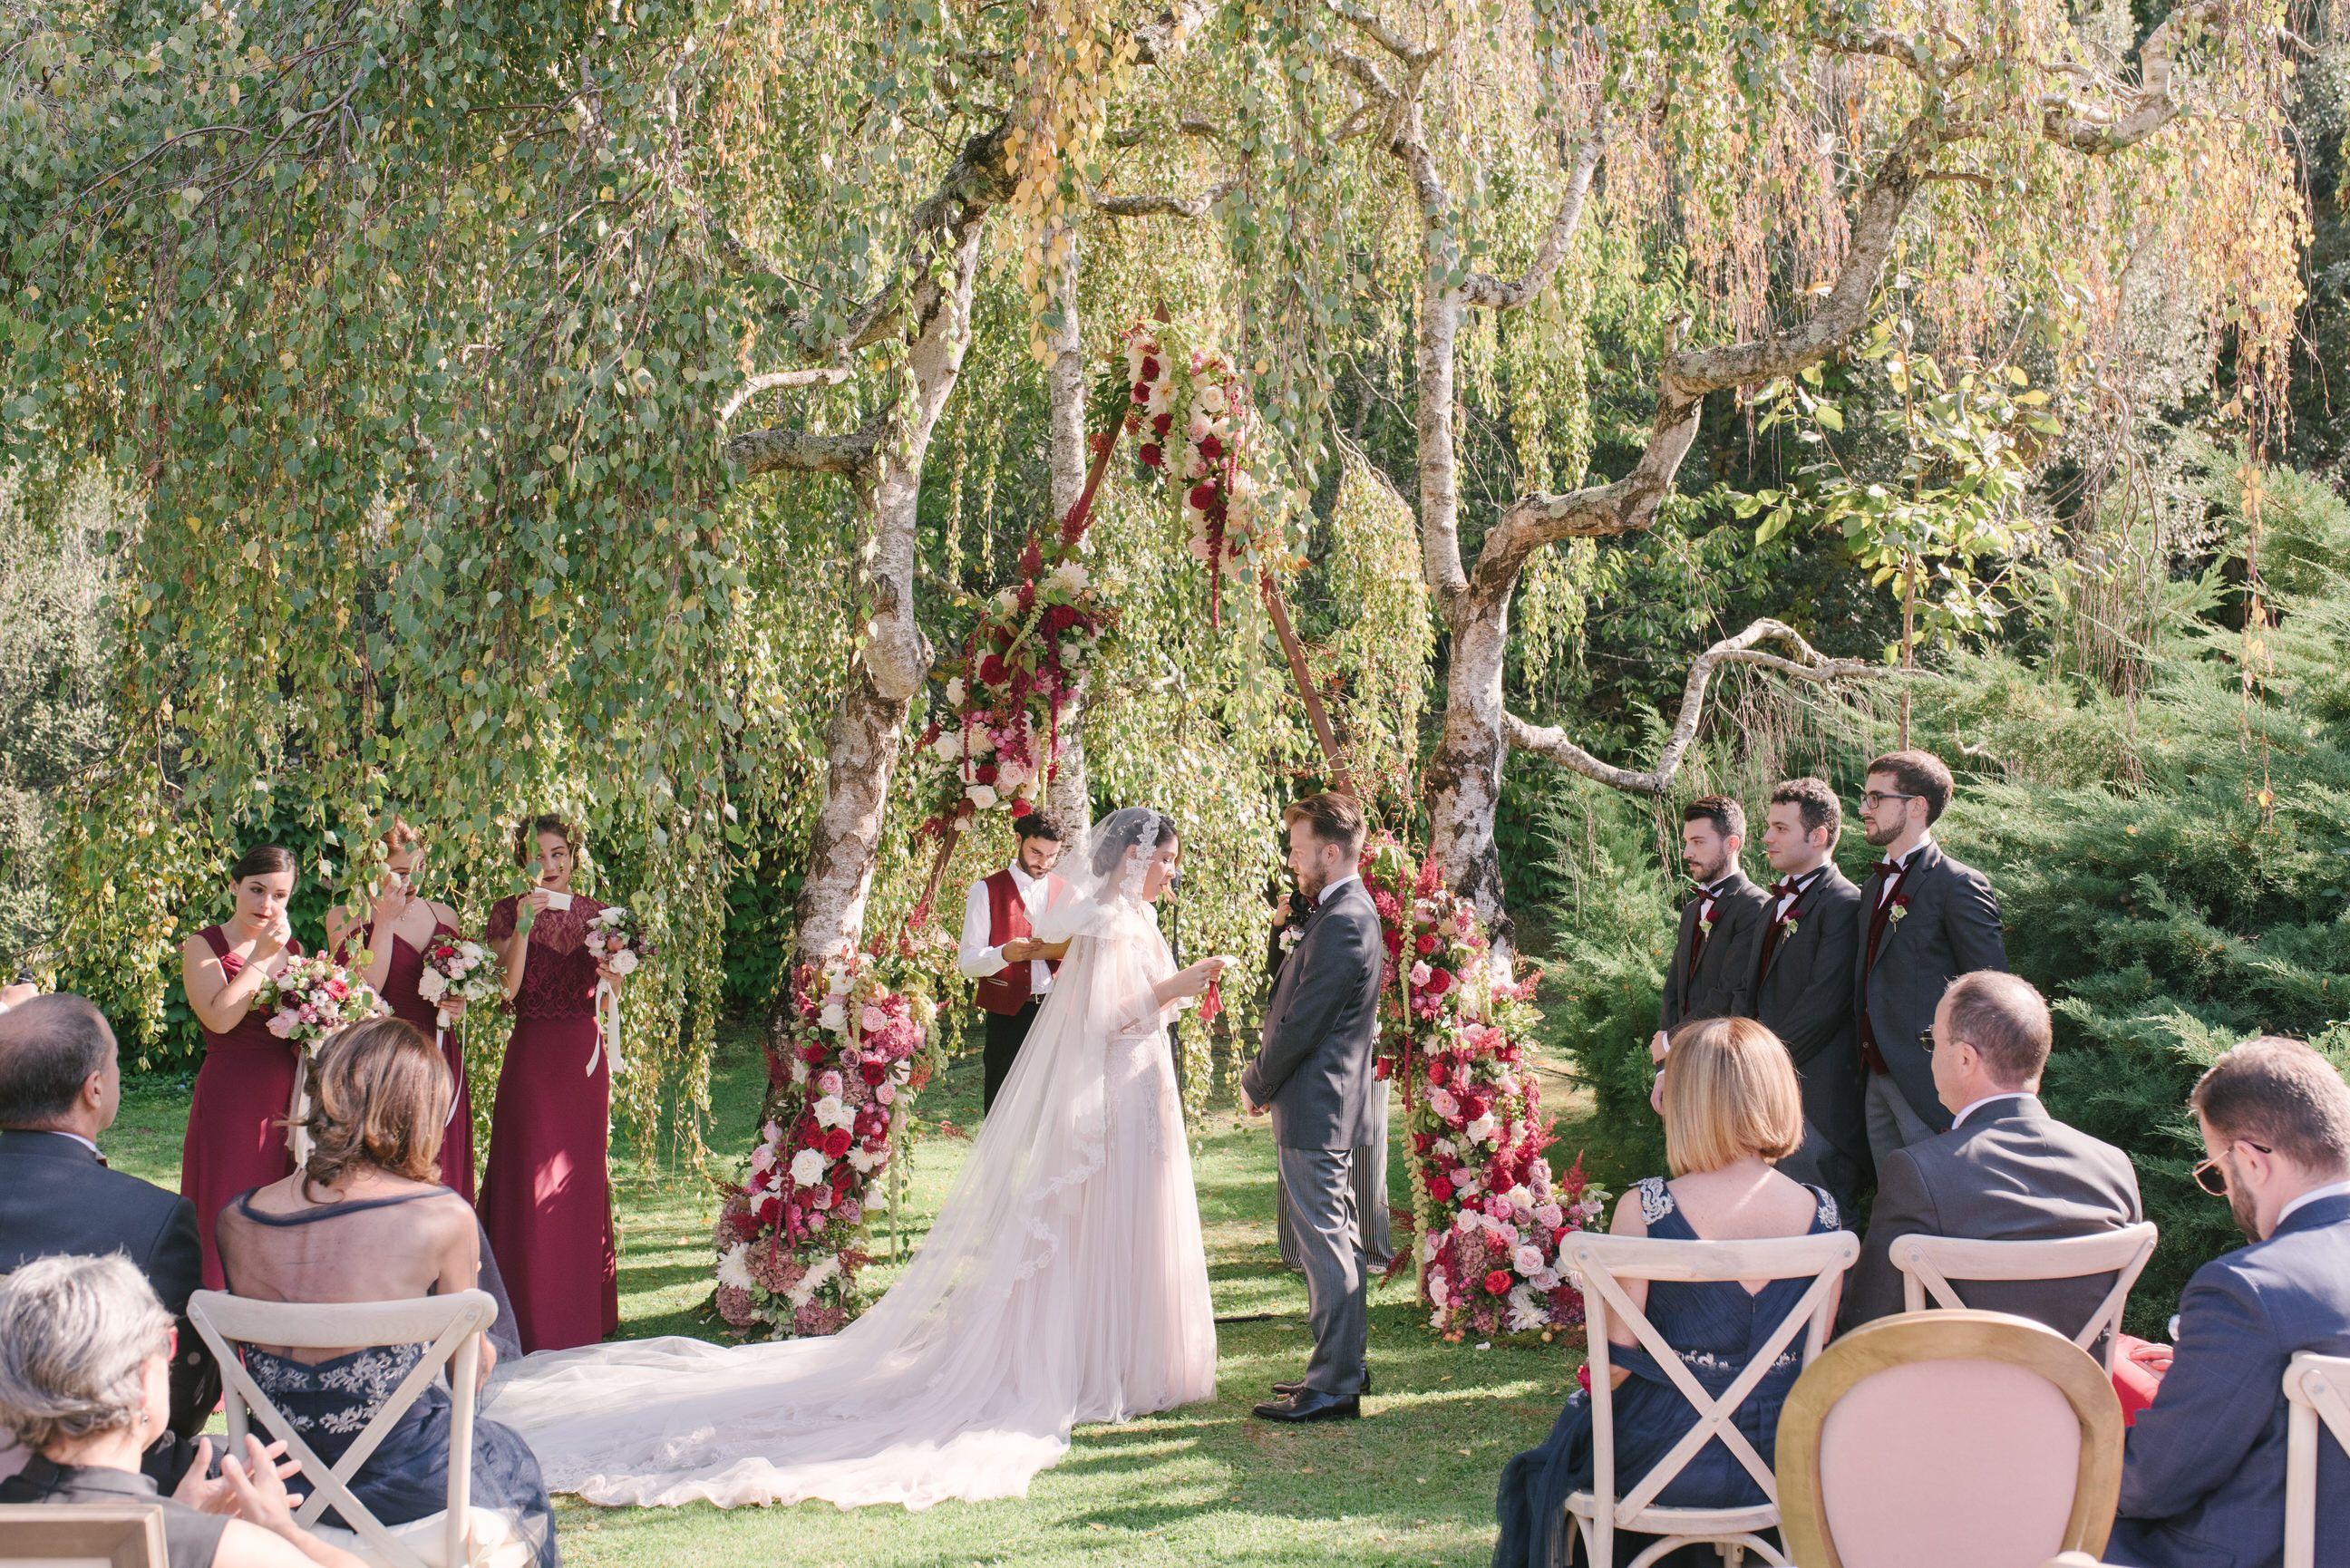 Matrimonio Tema Sardegna : La 4 puntata della web serie sul matrimonio di elisa mocci a tema il